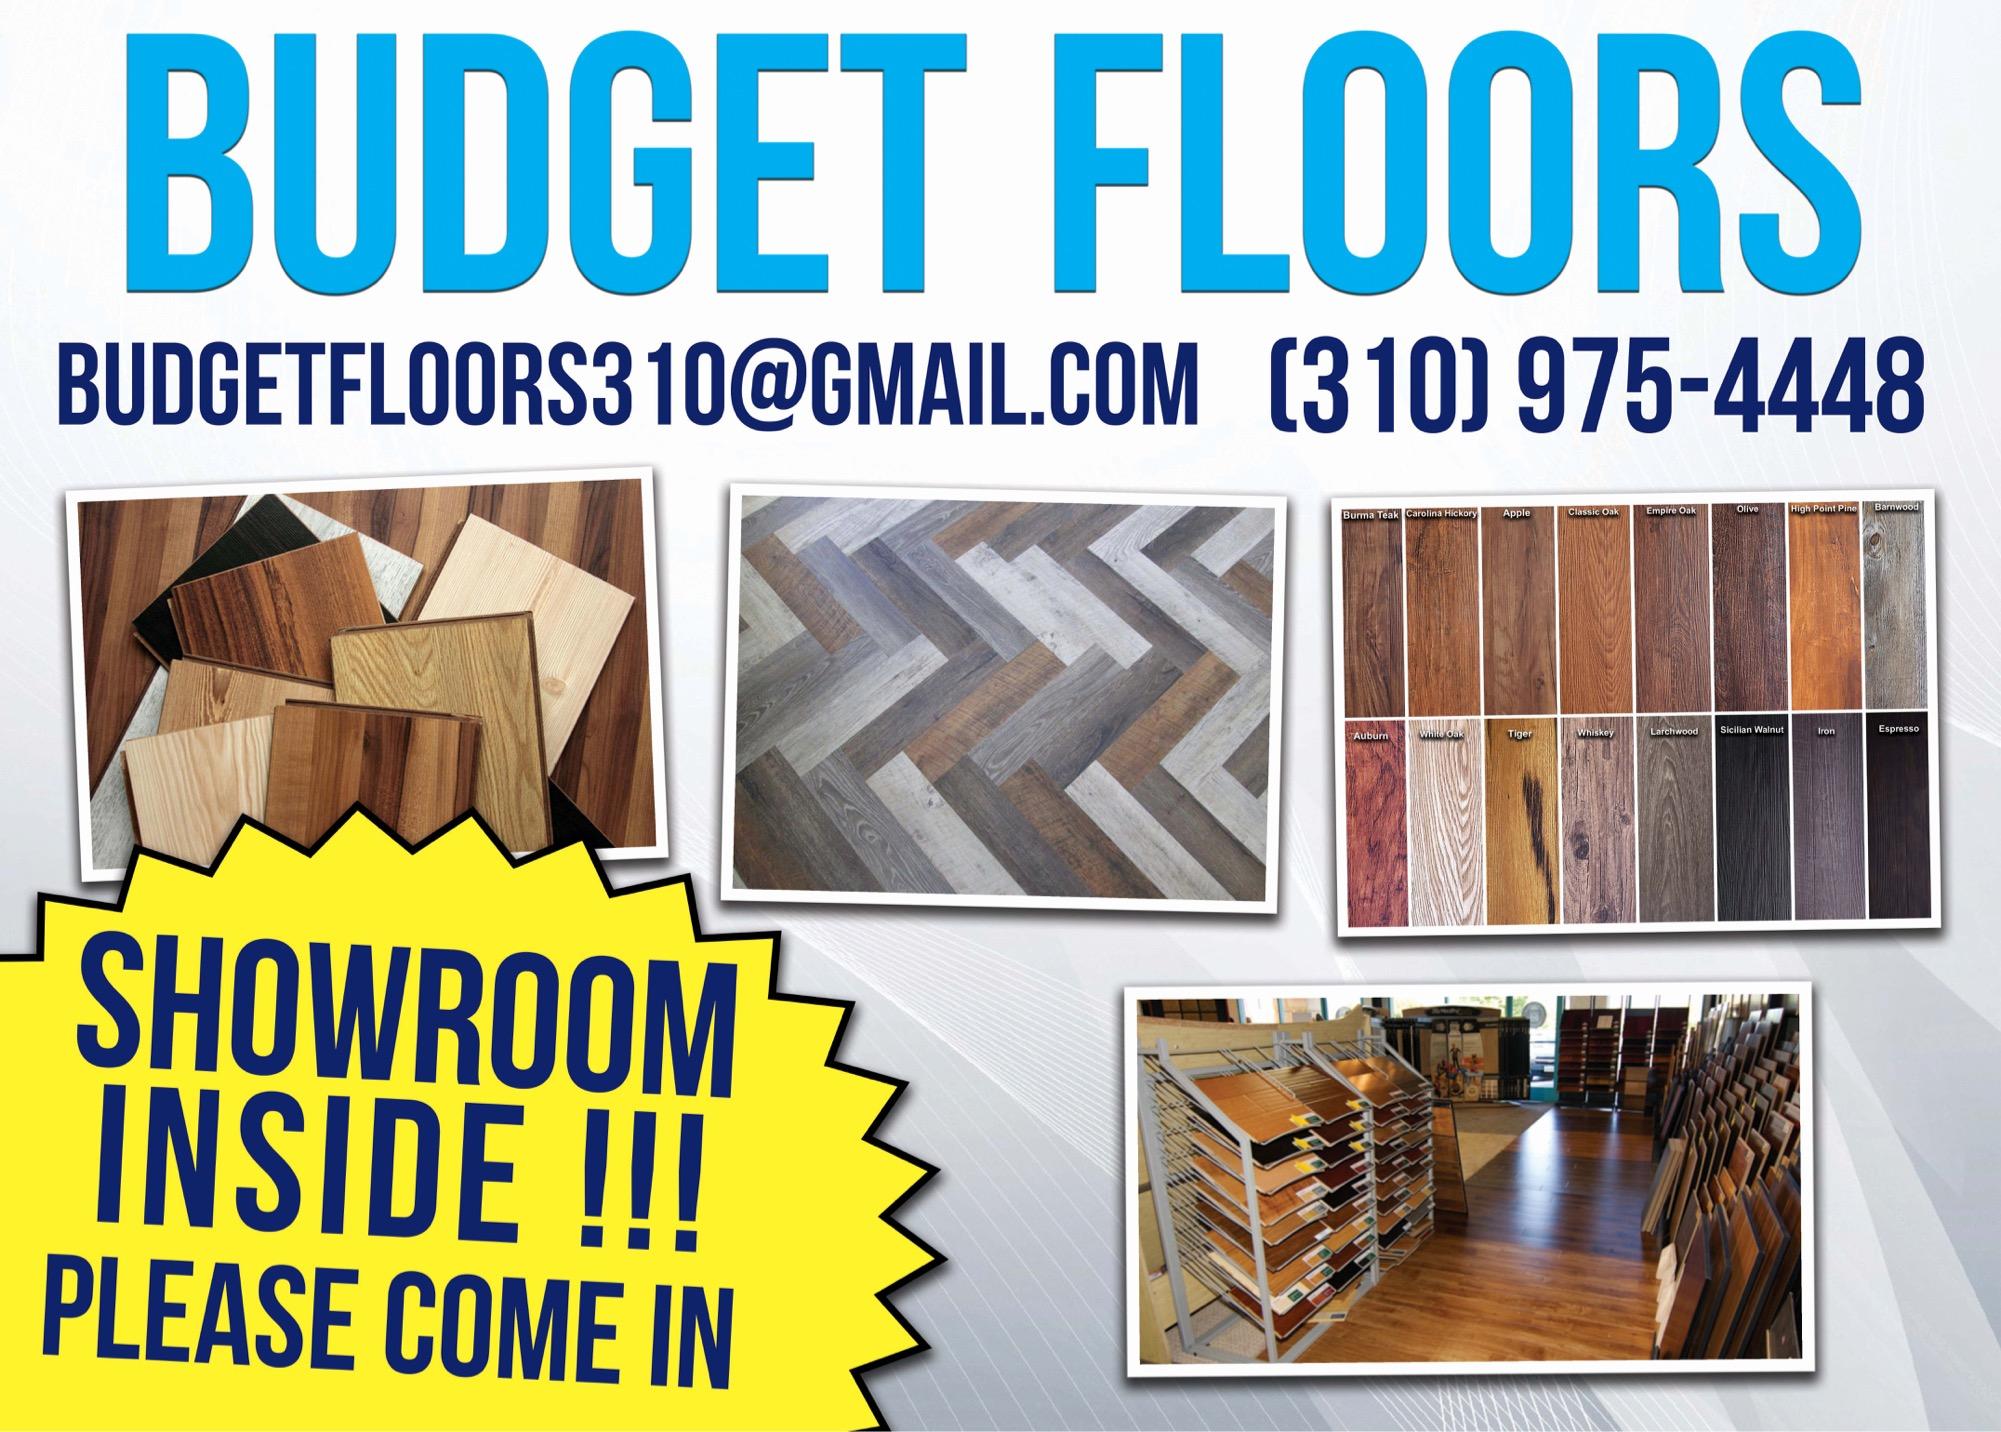 Budget Floors / Wood Floors-Laminate Floors- Vinyl Planks